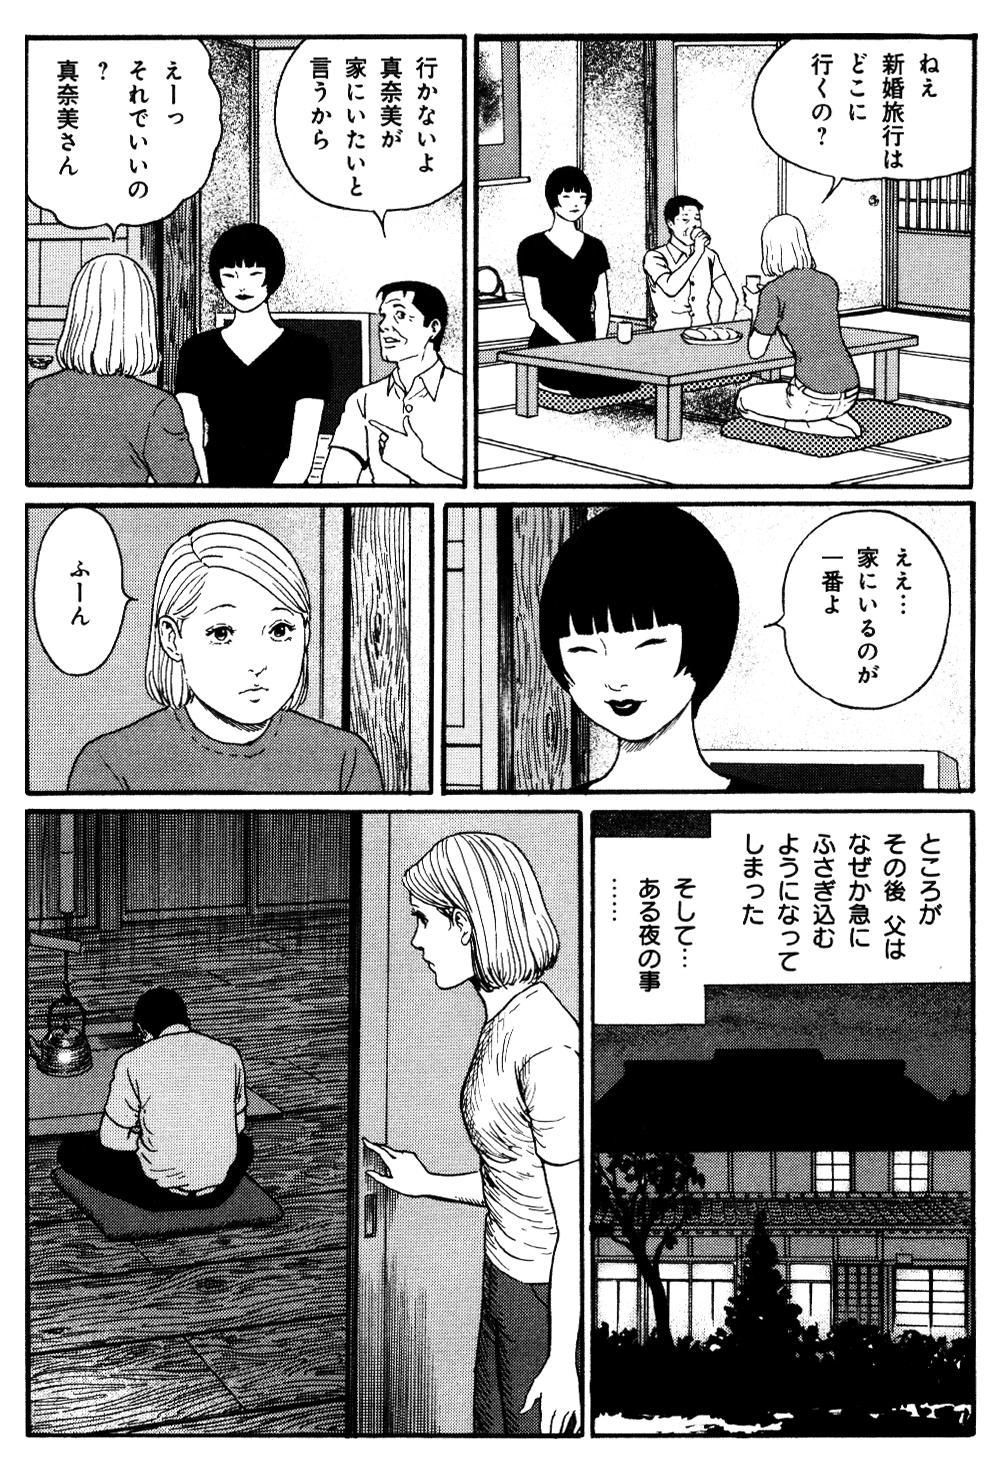 魔の断片 第2話「木造の怪」②manodanpen03-03.jpg